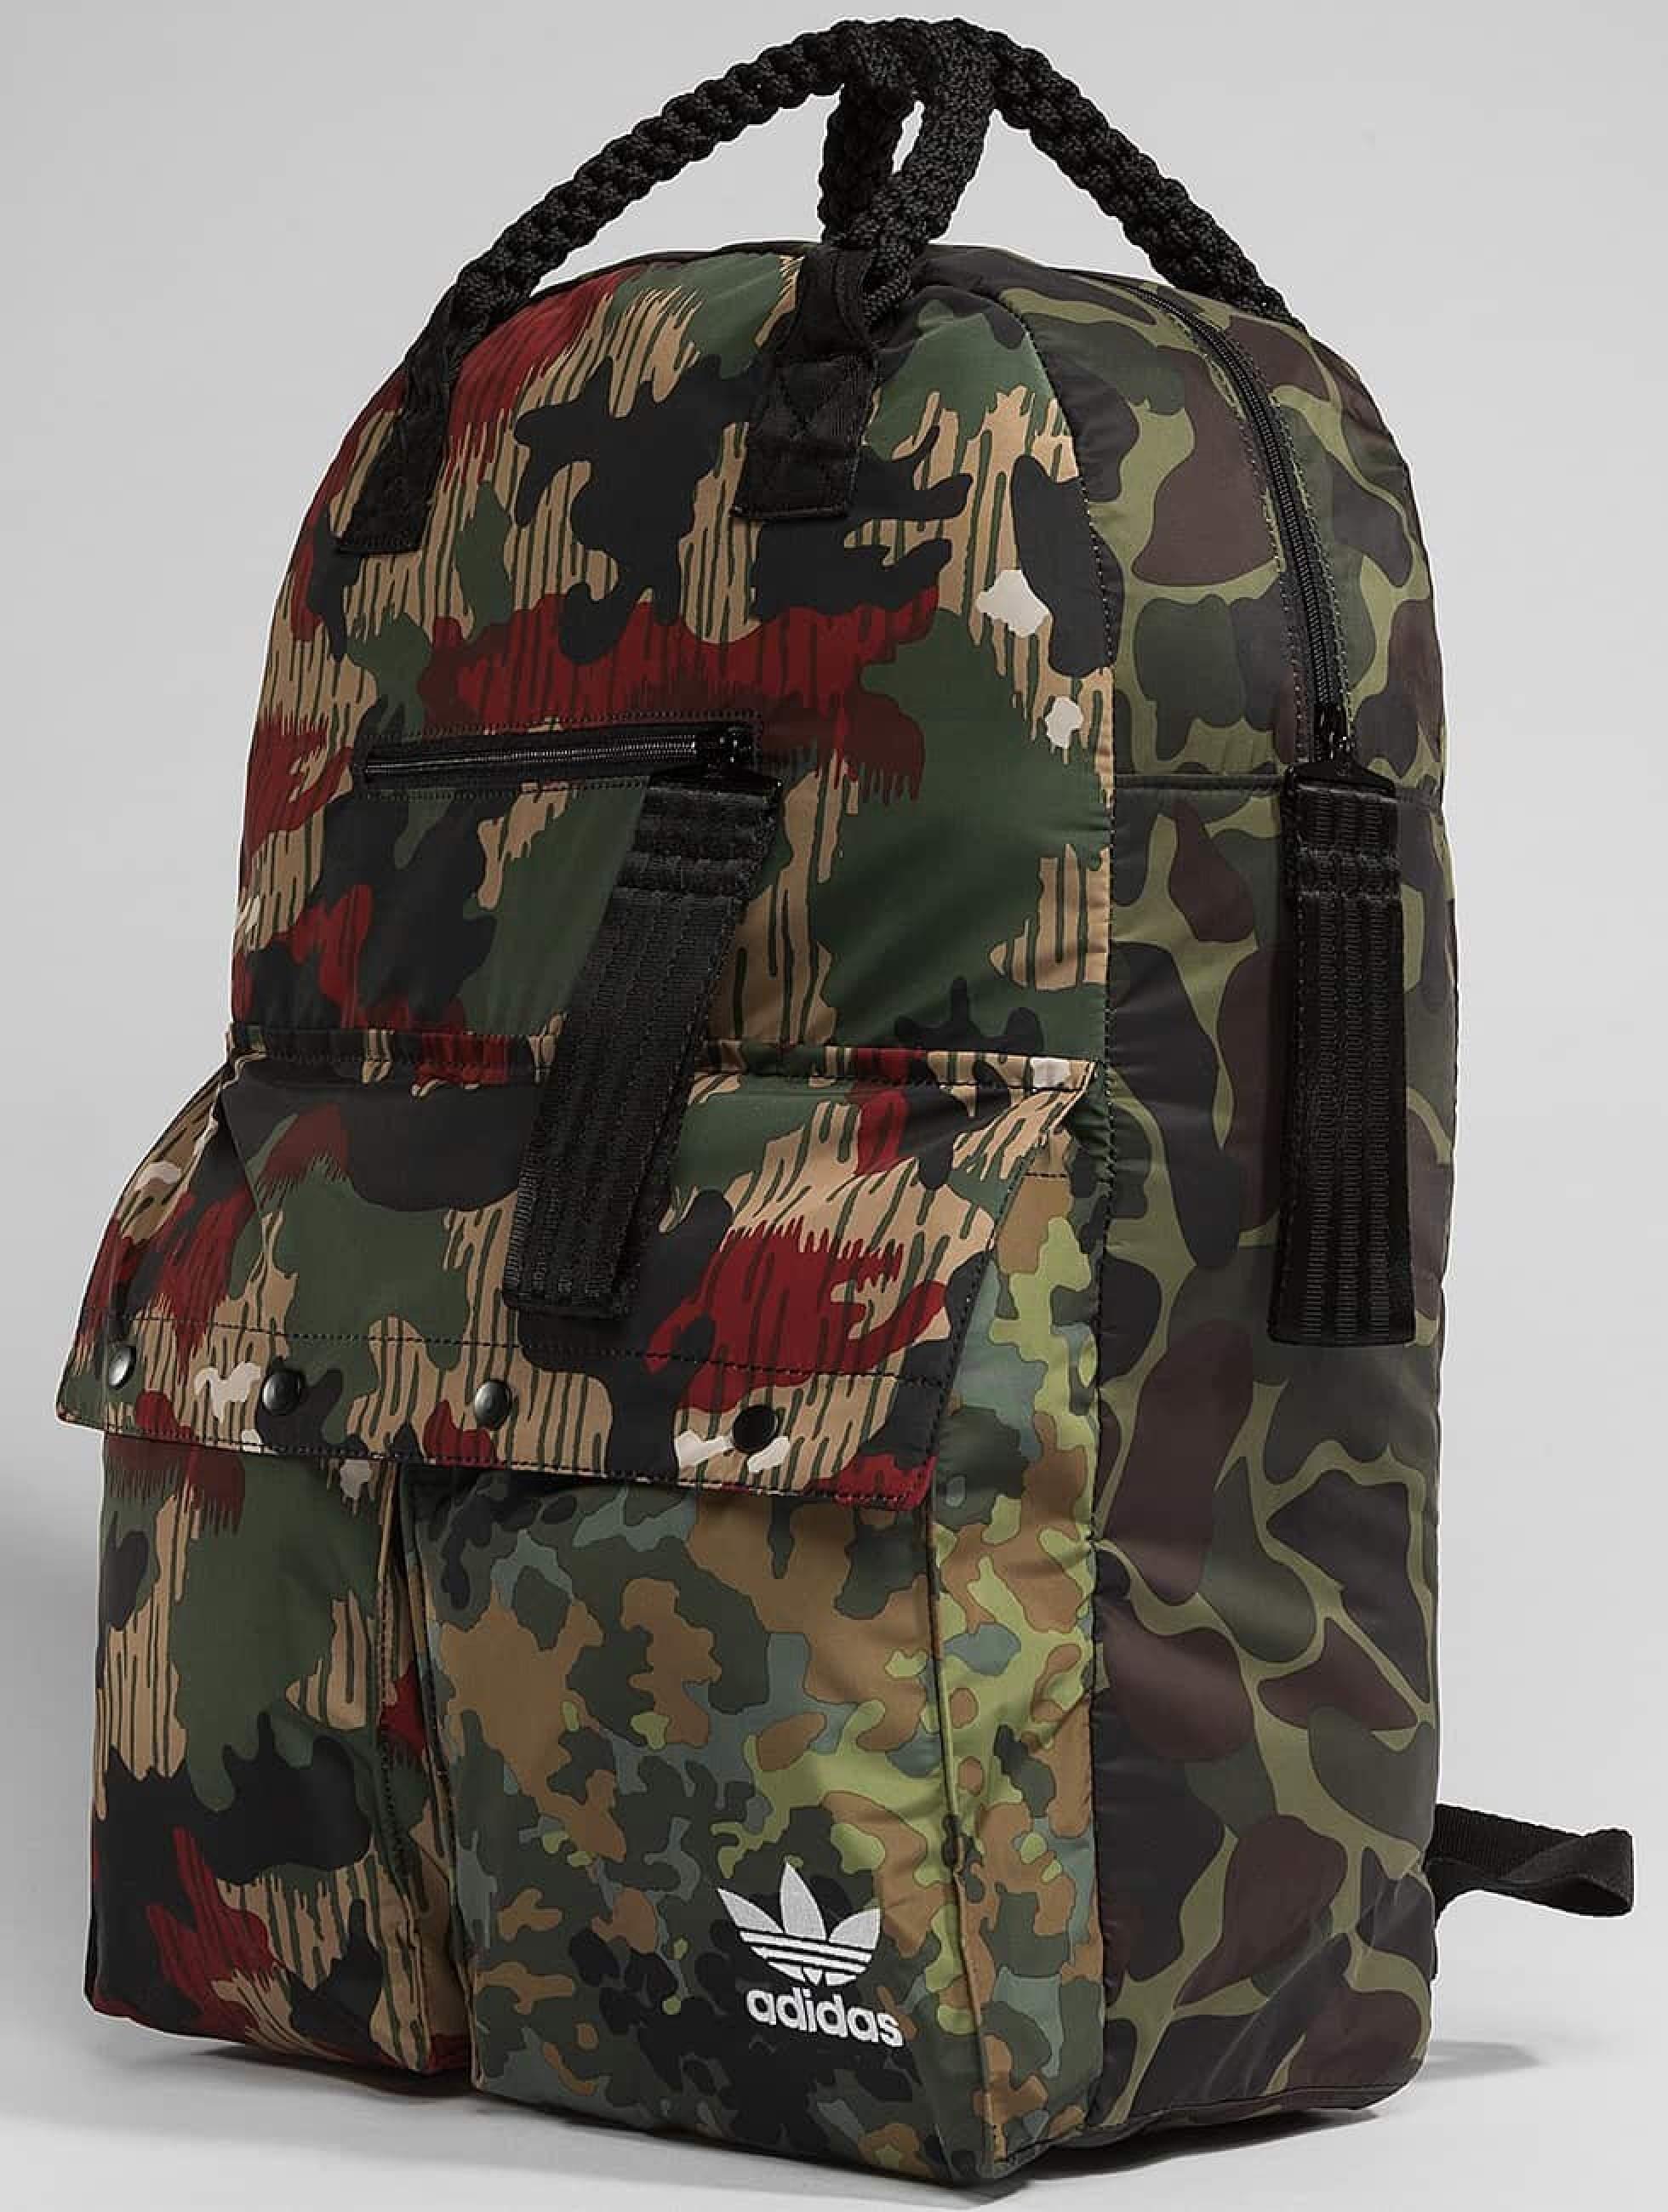 Originaux Adidas Sac À Dos / Isc Classique Camouflage zLBEKi8Vv